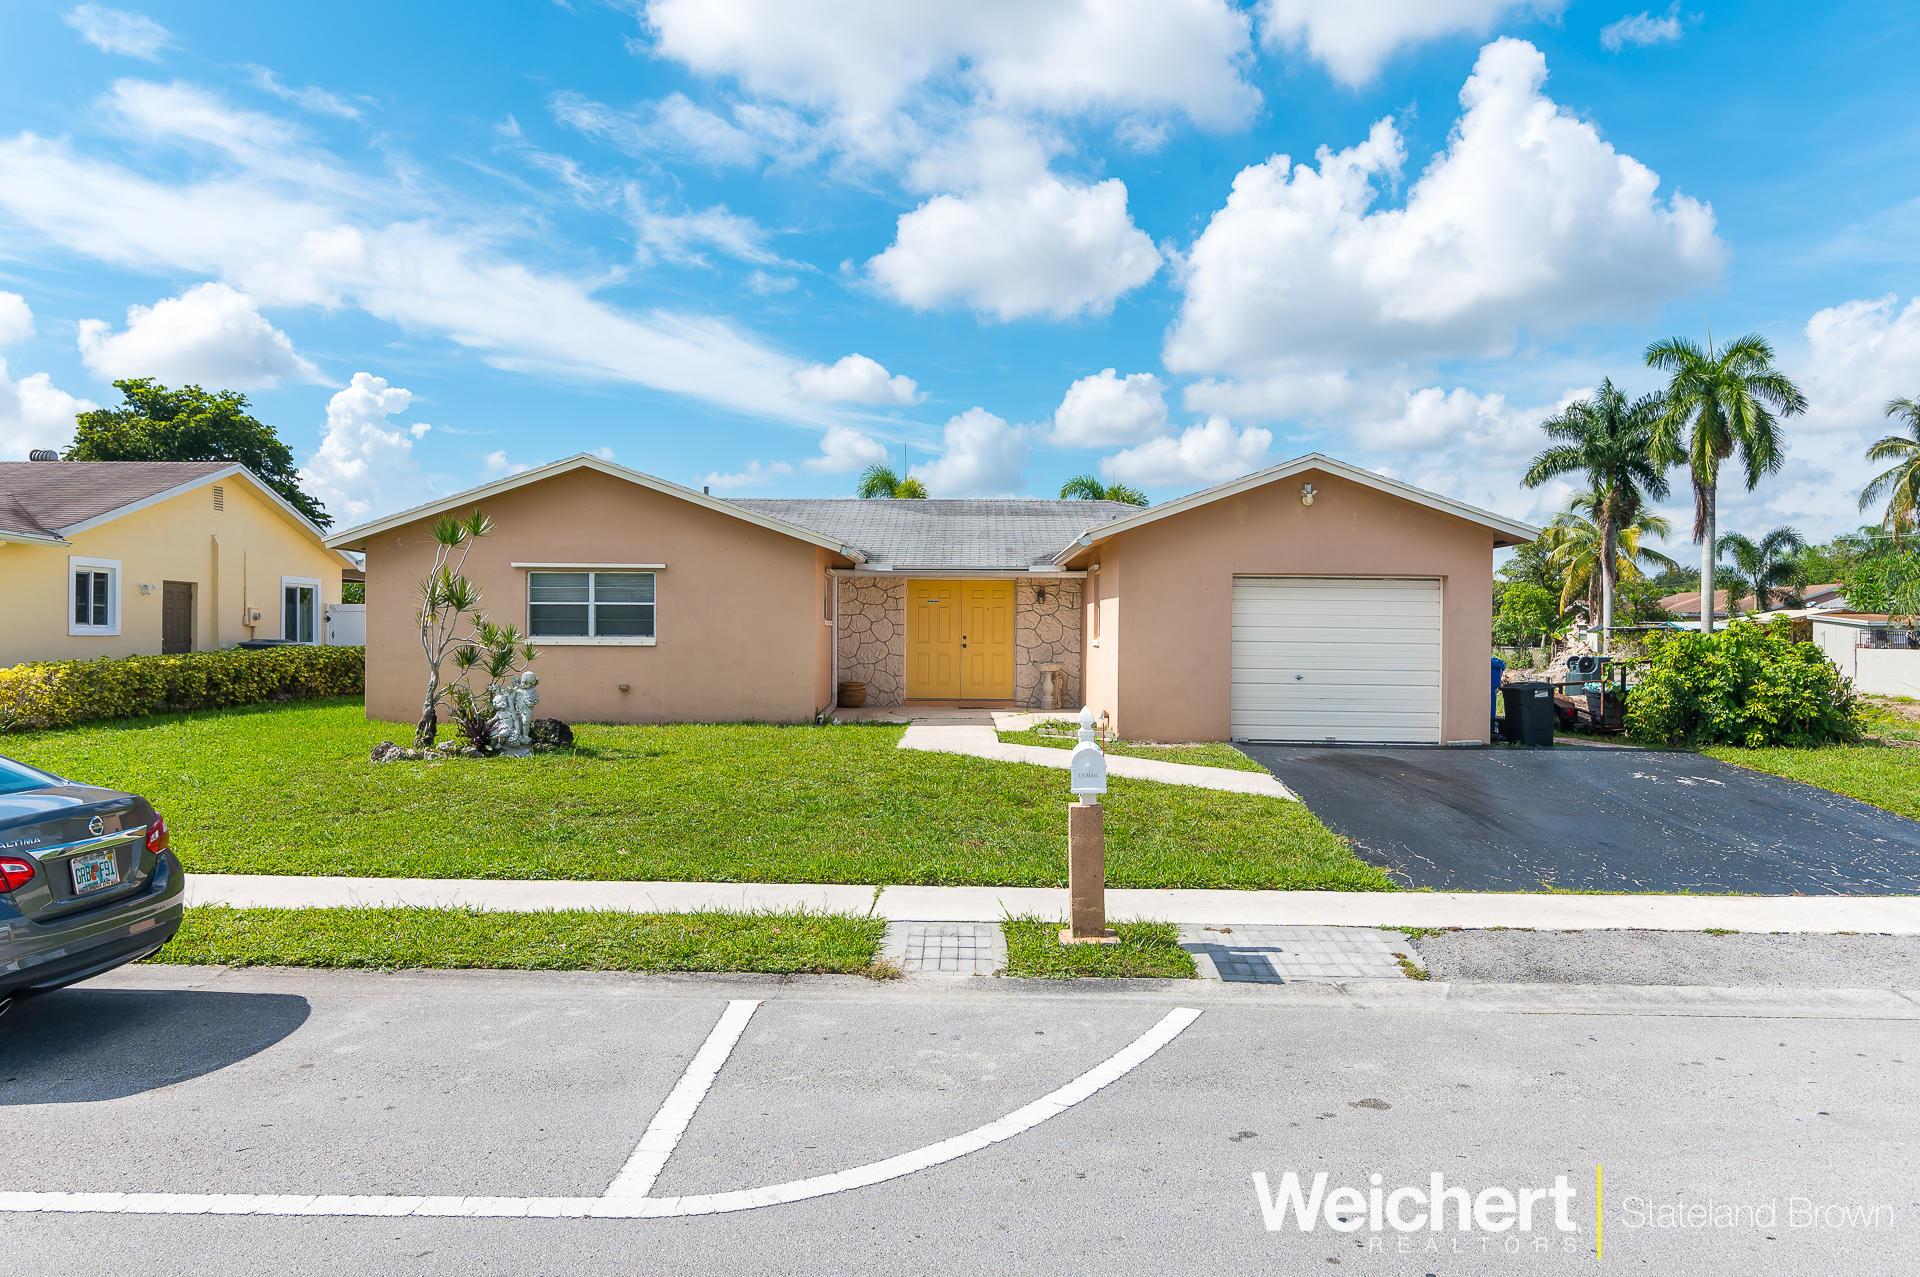 9772 Sw 3rd Street Boca Raton, FL 33428